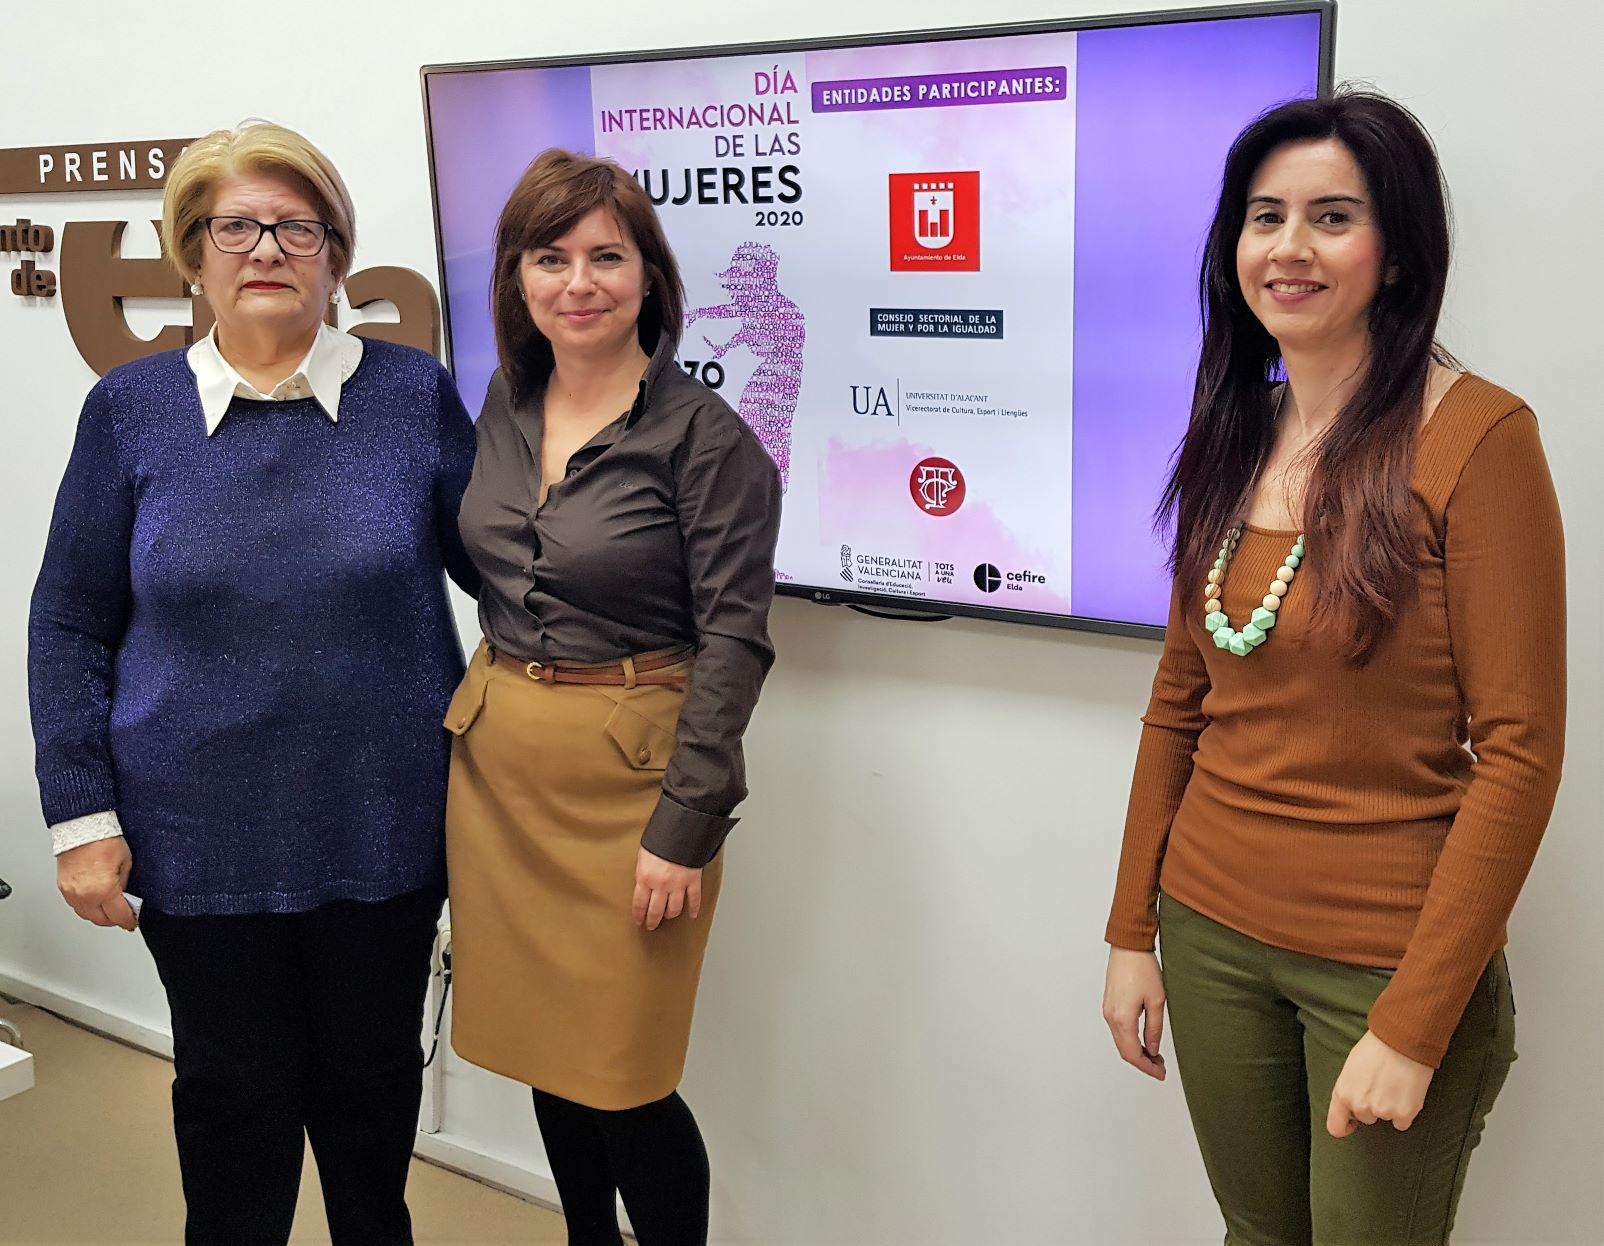 El Ayuntamiento de Elda ofrece un amplio programa de actividades para celebrar el 'Día Internacional de las Mujeres'